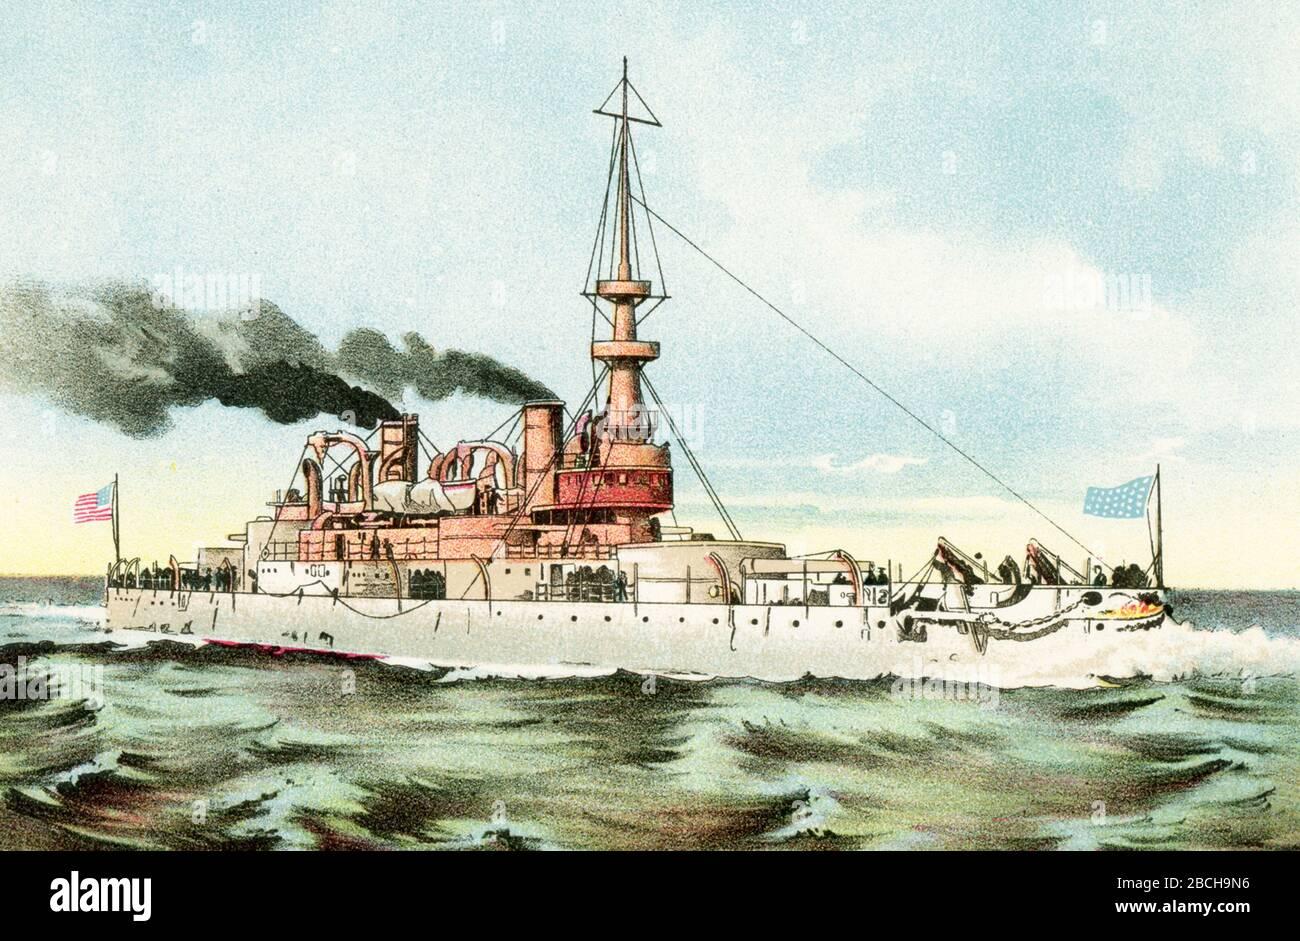 Esta ilustración muestra el acorazado Indiana de los Estados Unidos. USS Indiana (BB-1) fue el buque principal de su clase y el primer acorazado de la Marina de los Estados Unidos comparable a los acorazados extranjeros de la época. Autorizada en 1890 y encargada cinco años más tarde, era una pequeña acorazada, aunque con pesadas armaduras y municiones. Indiana sirvió en la Guerra Hispano-Americana (1898) como parte del Escuadrón del Atlántico Norte. Otro Monitor de los Estados Unidos fue el Miantonomoh. La clase Miantonomoh era una serie de monitores de la Marina de los EE.UU. Fueron construidos durante la Guerra Civil de los EE.UU., pero sólo un barco de Foto de stock